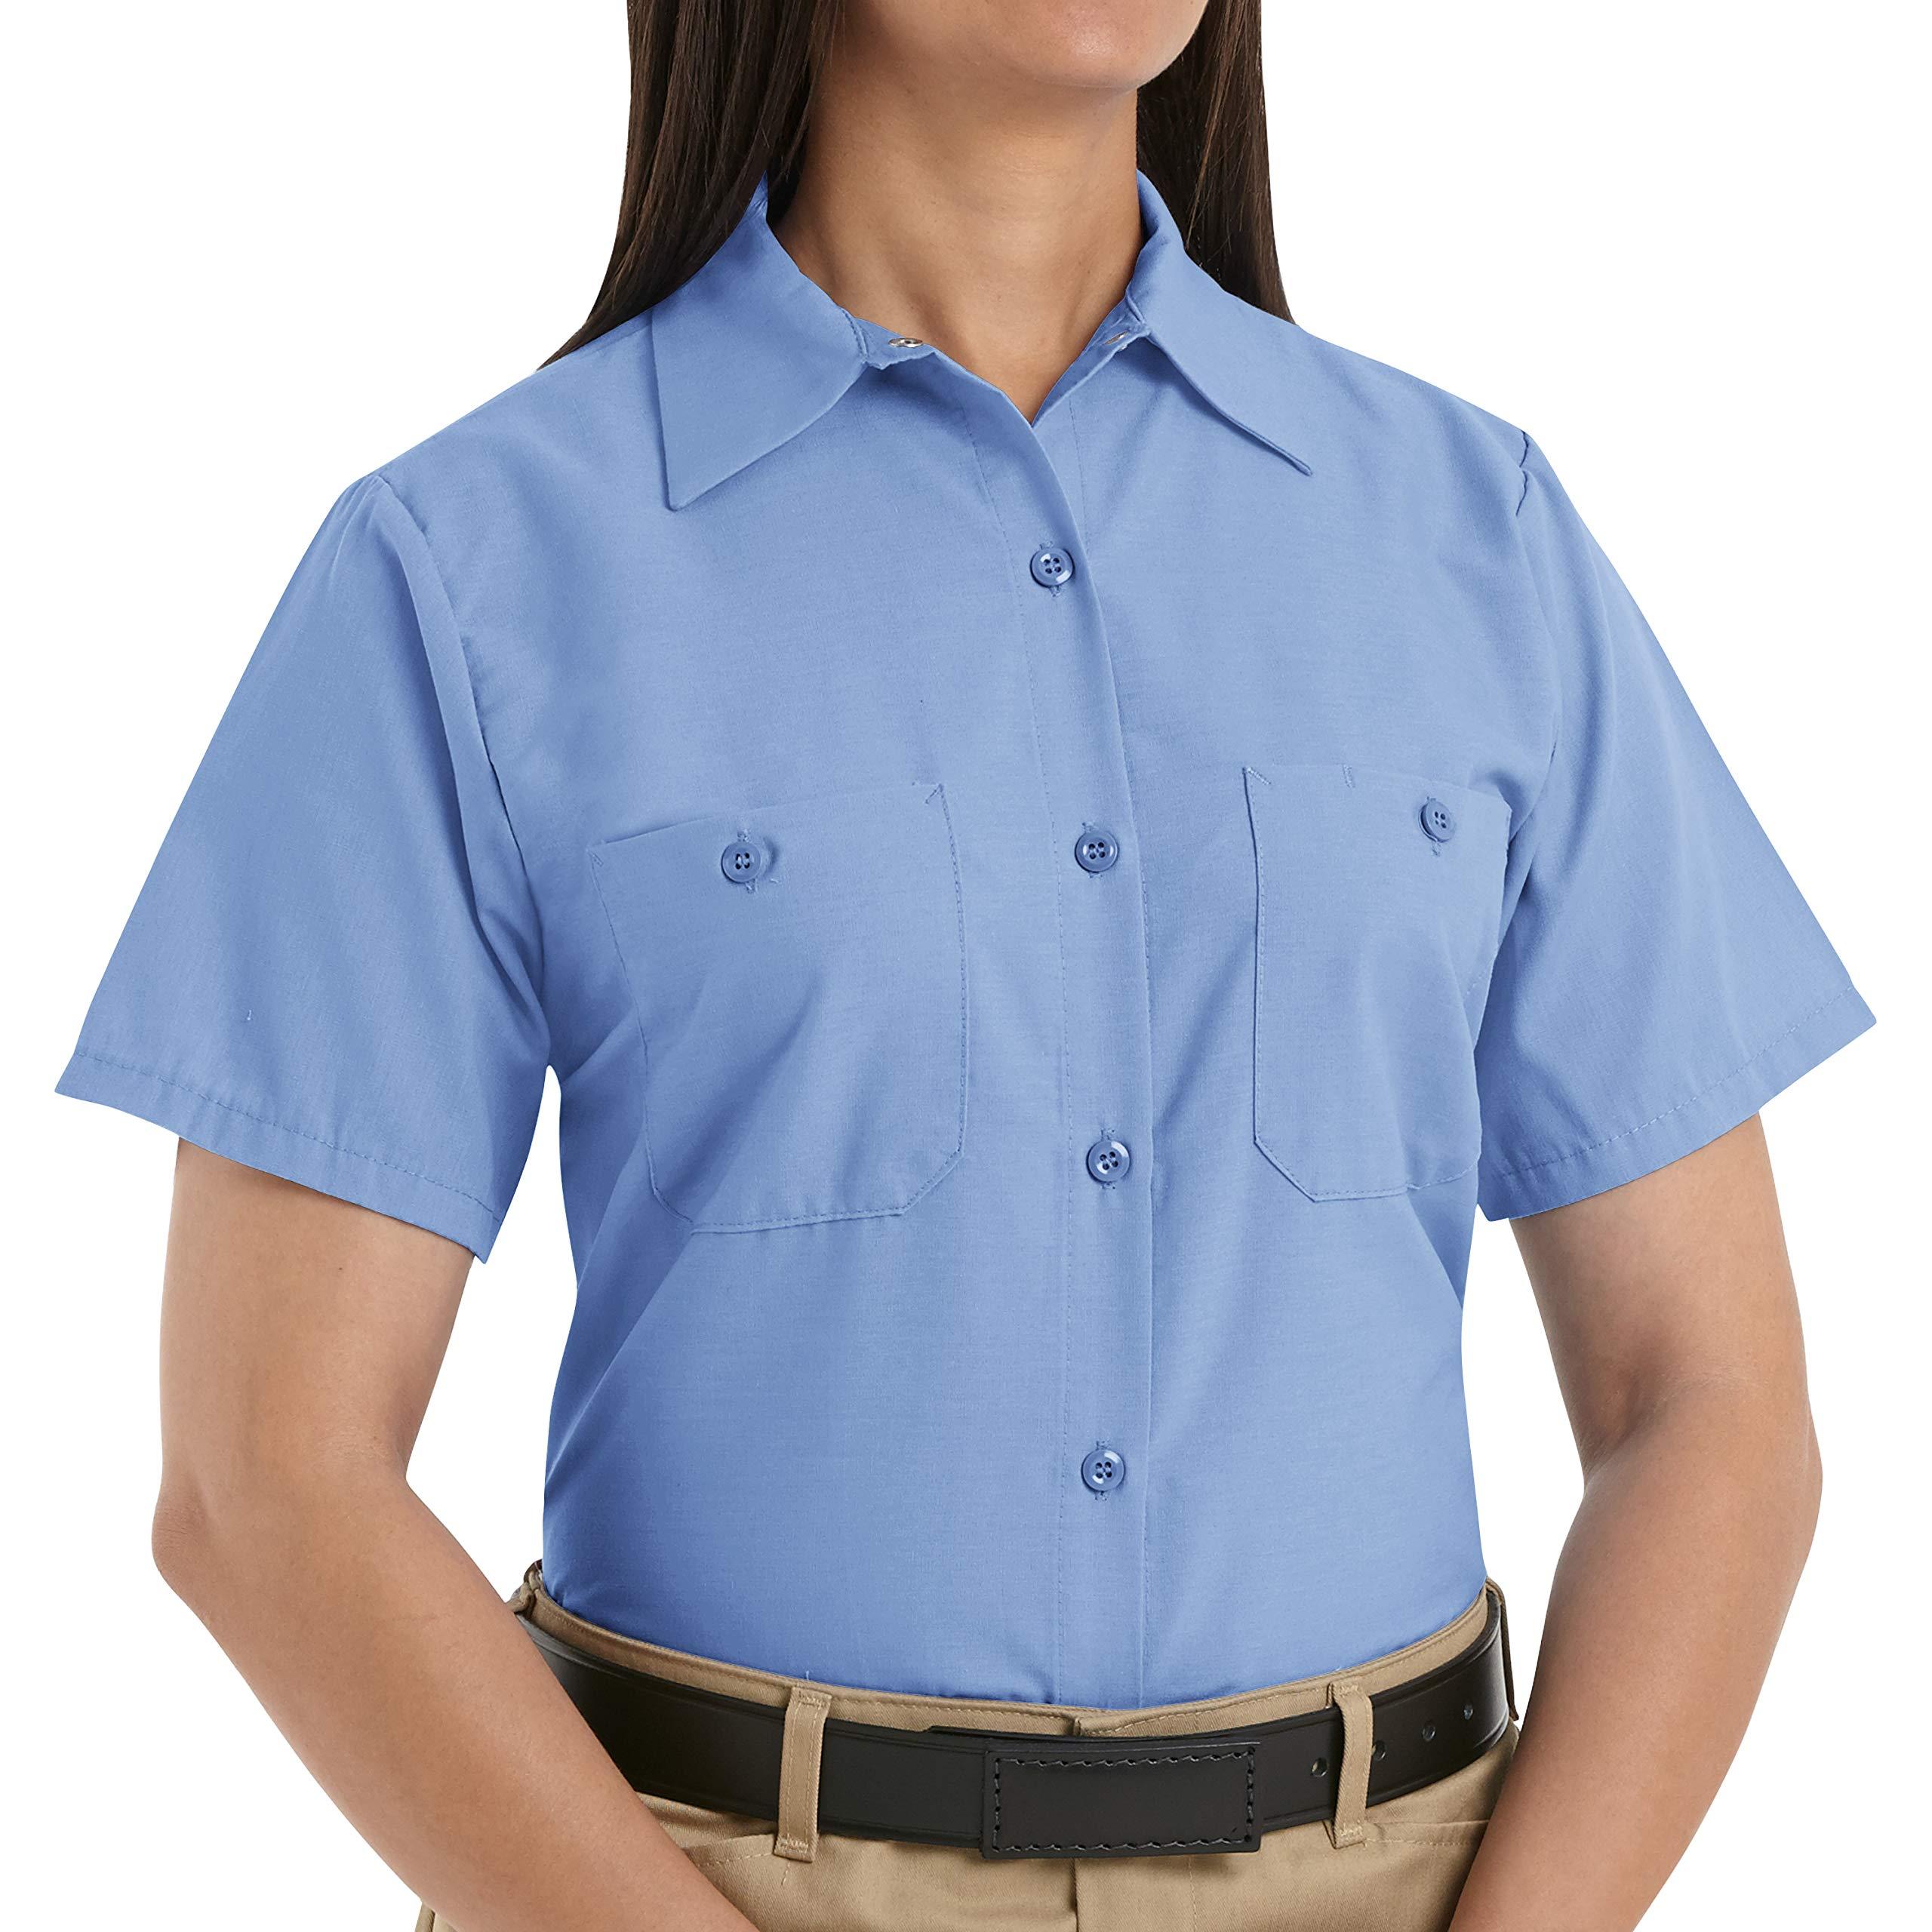 Red Kap Women's Industrial Work Shirt